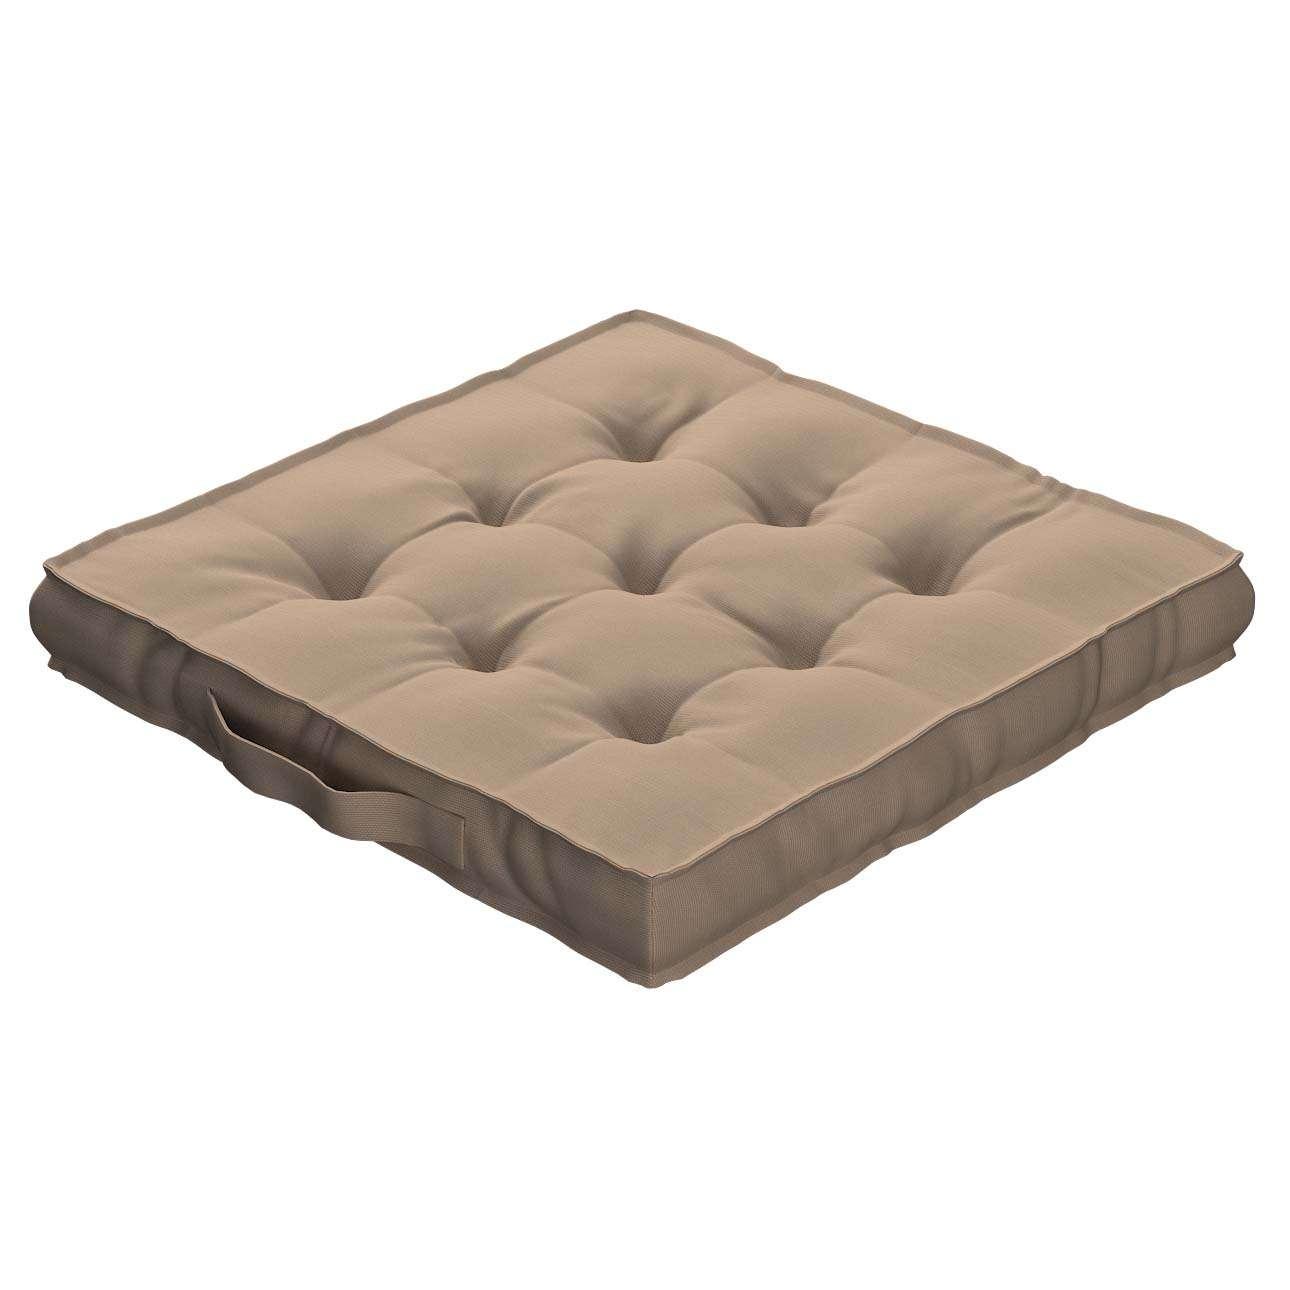 Sitzkissen Jacob mit Handgriff 40 x 40 x 6 cm von der Kollektion Cotton Panama, Stoff: 702-28